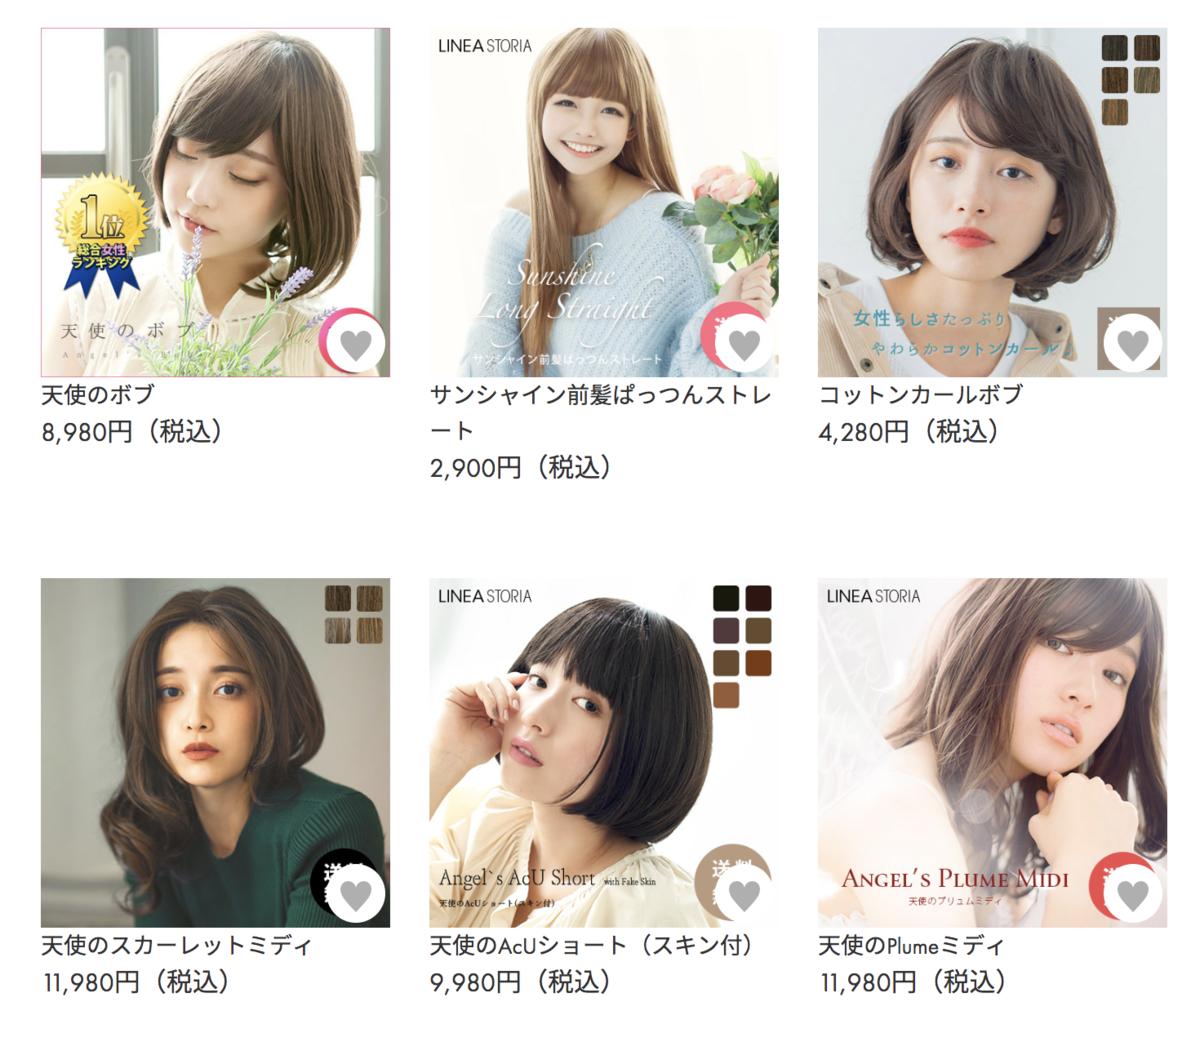 f:id:yuzubaferret:20190909221322p:plain